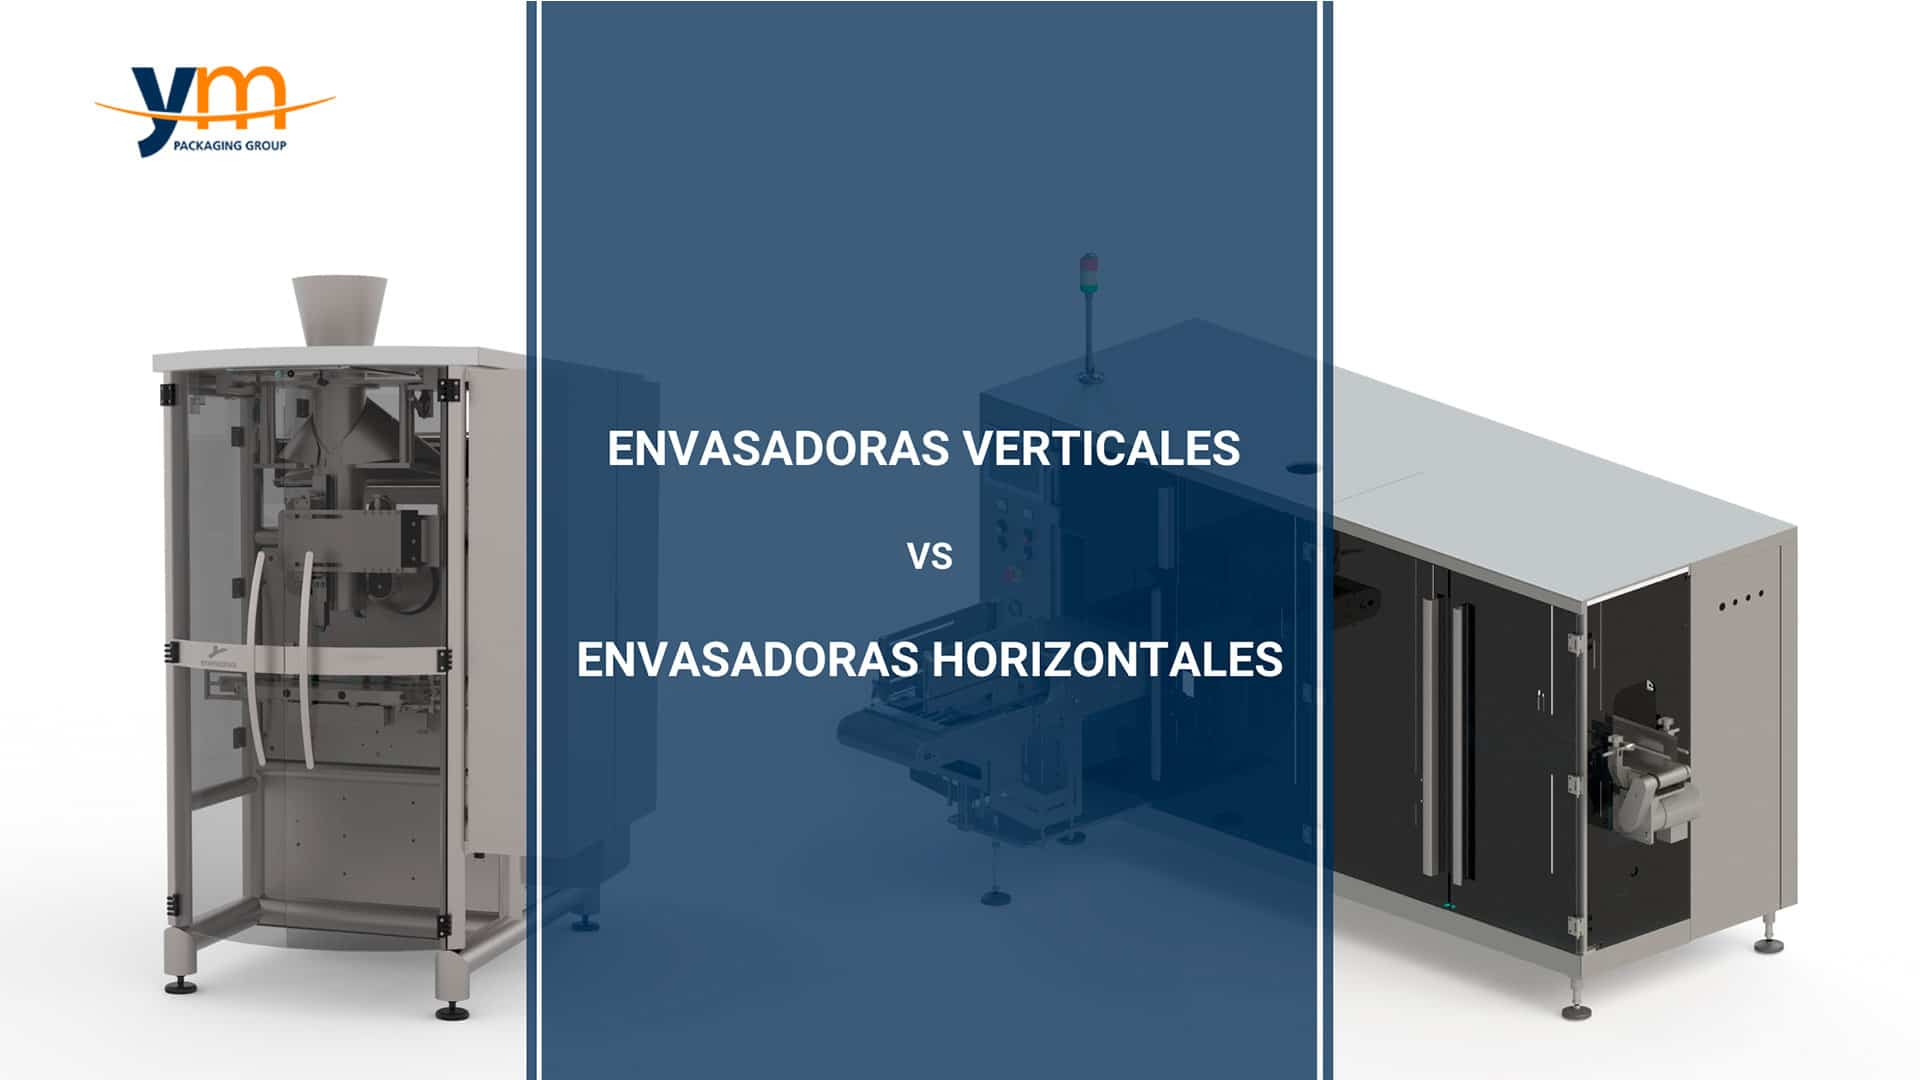 Máquina envasadora vertical y horizontal YM Packaging